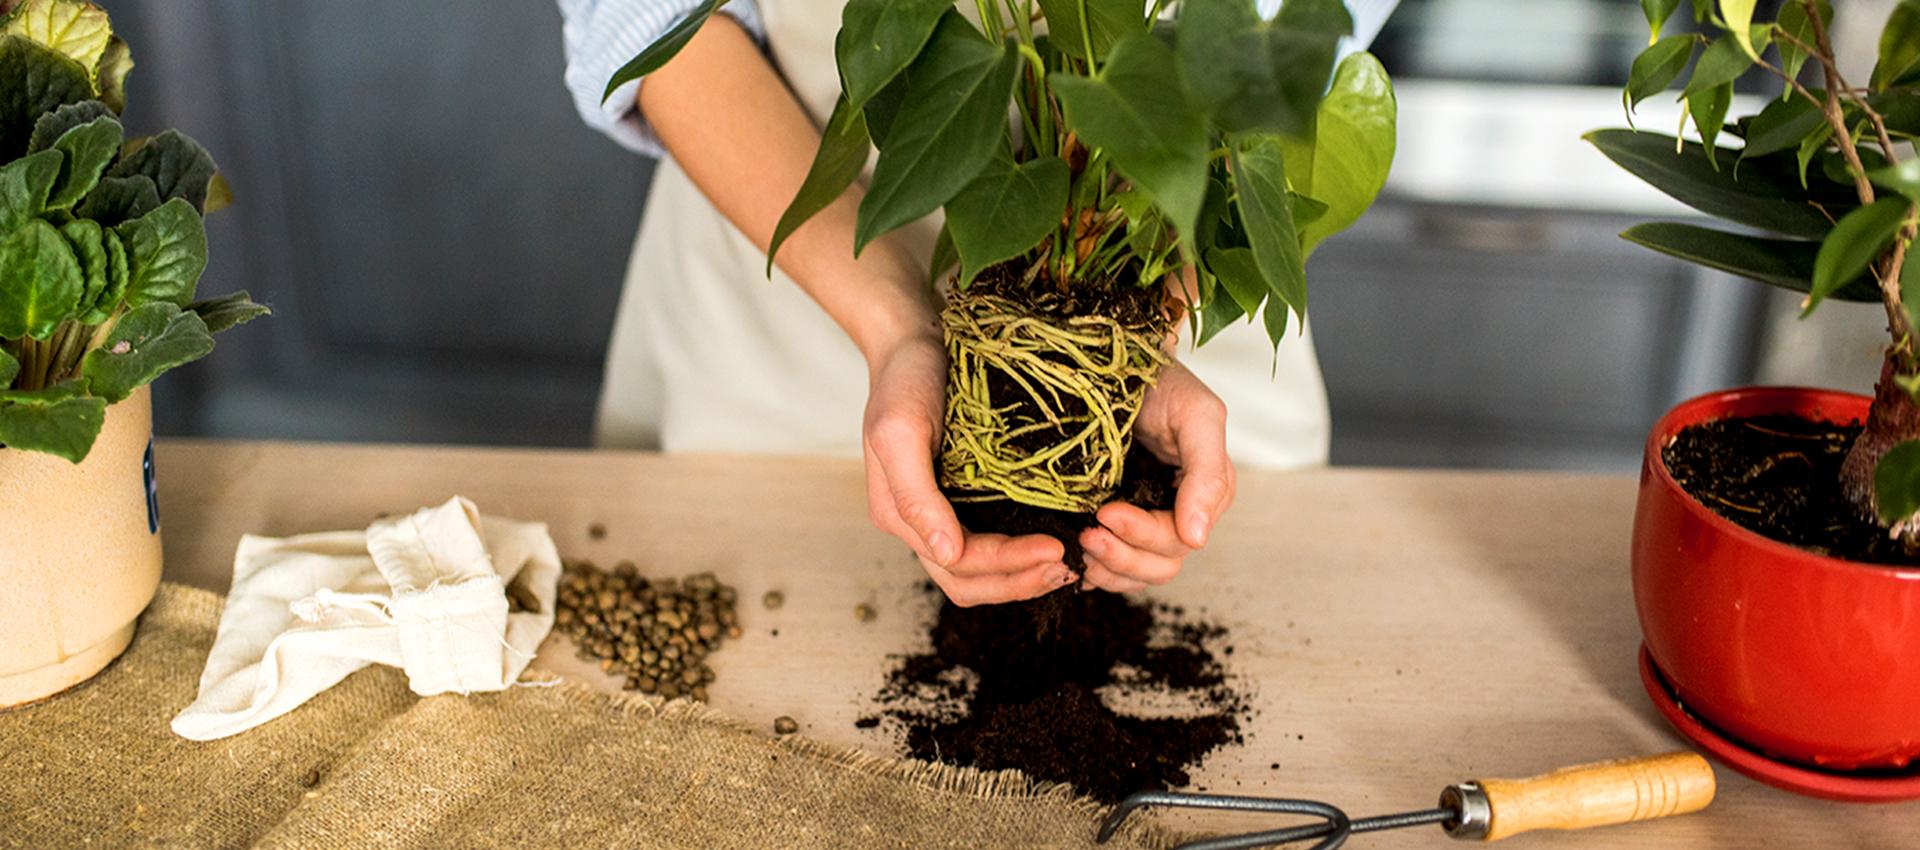 Първа помощ за растенията в офиса